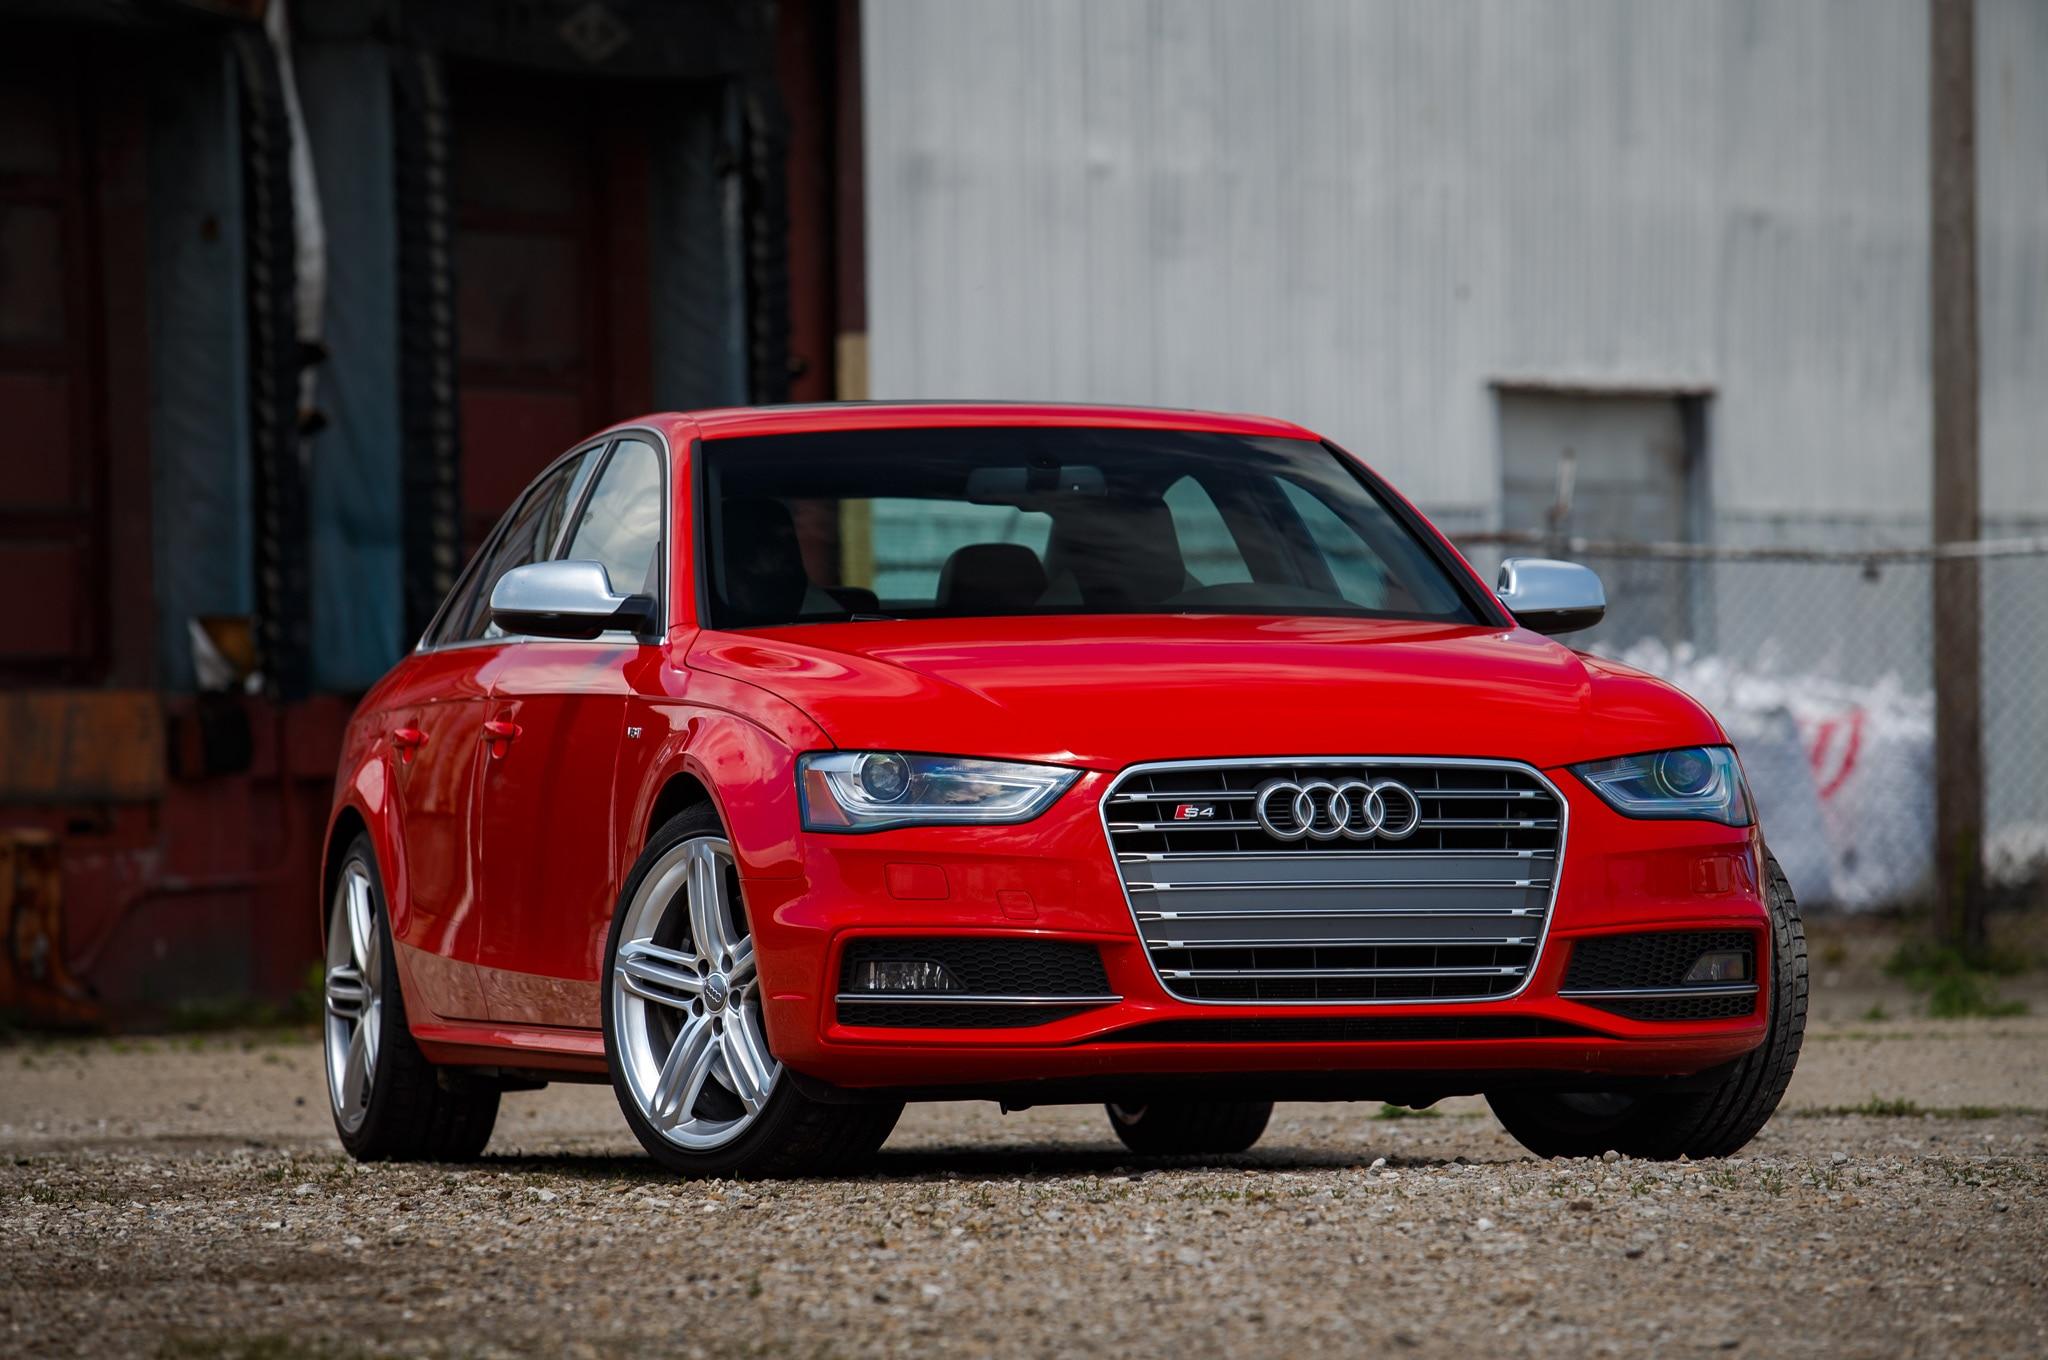 Audi A4 B8 Olx